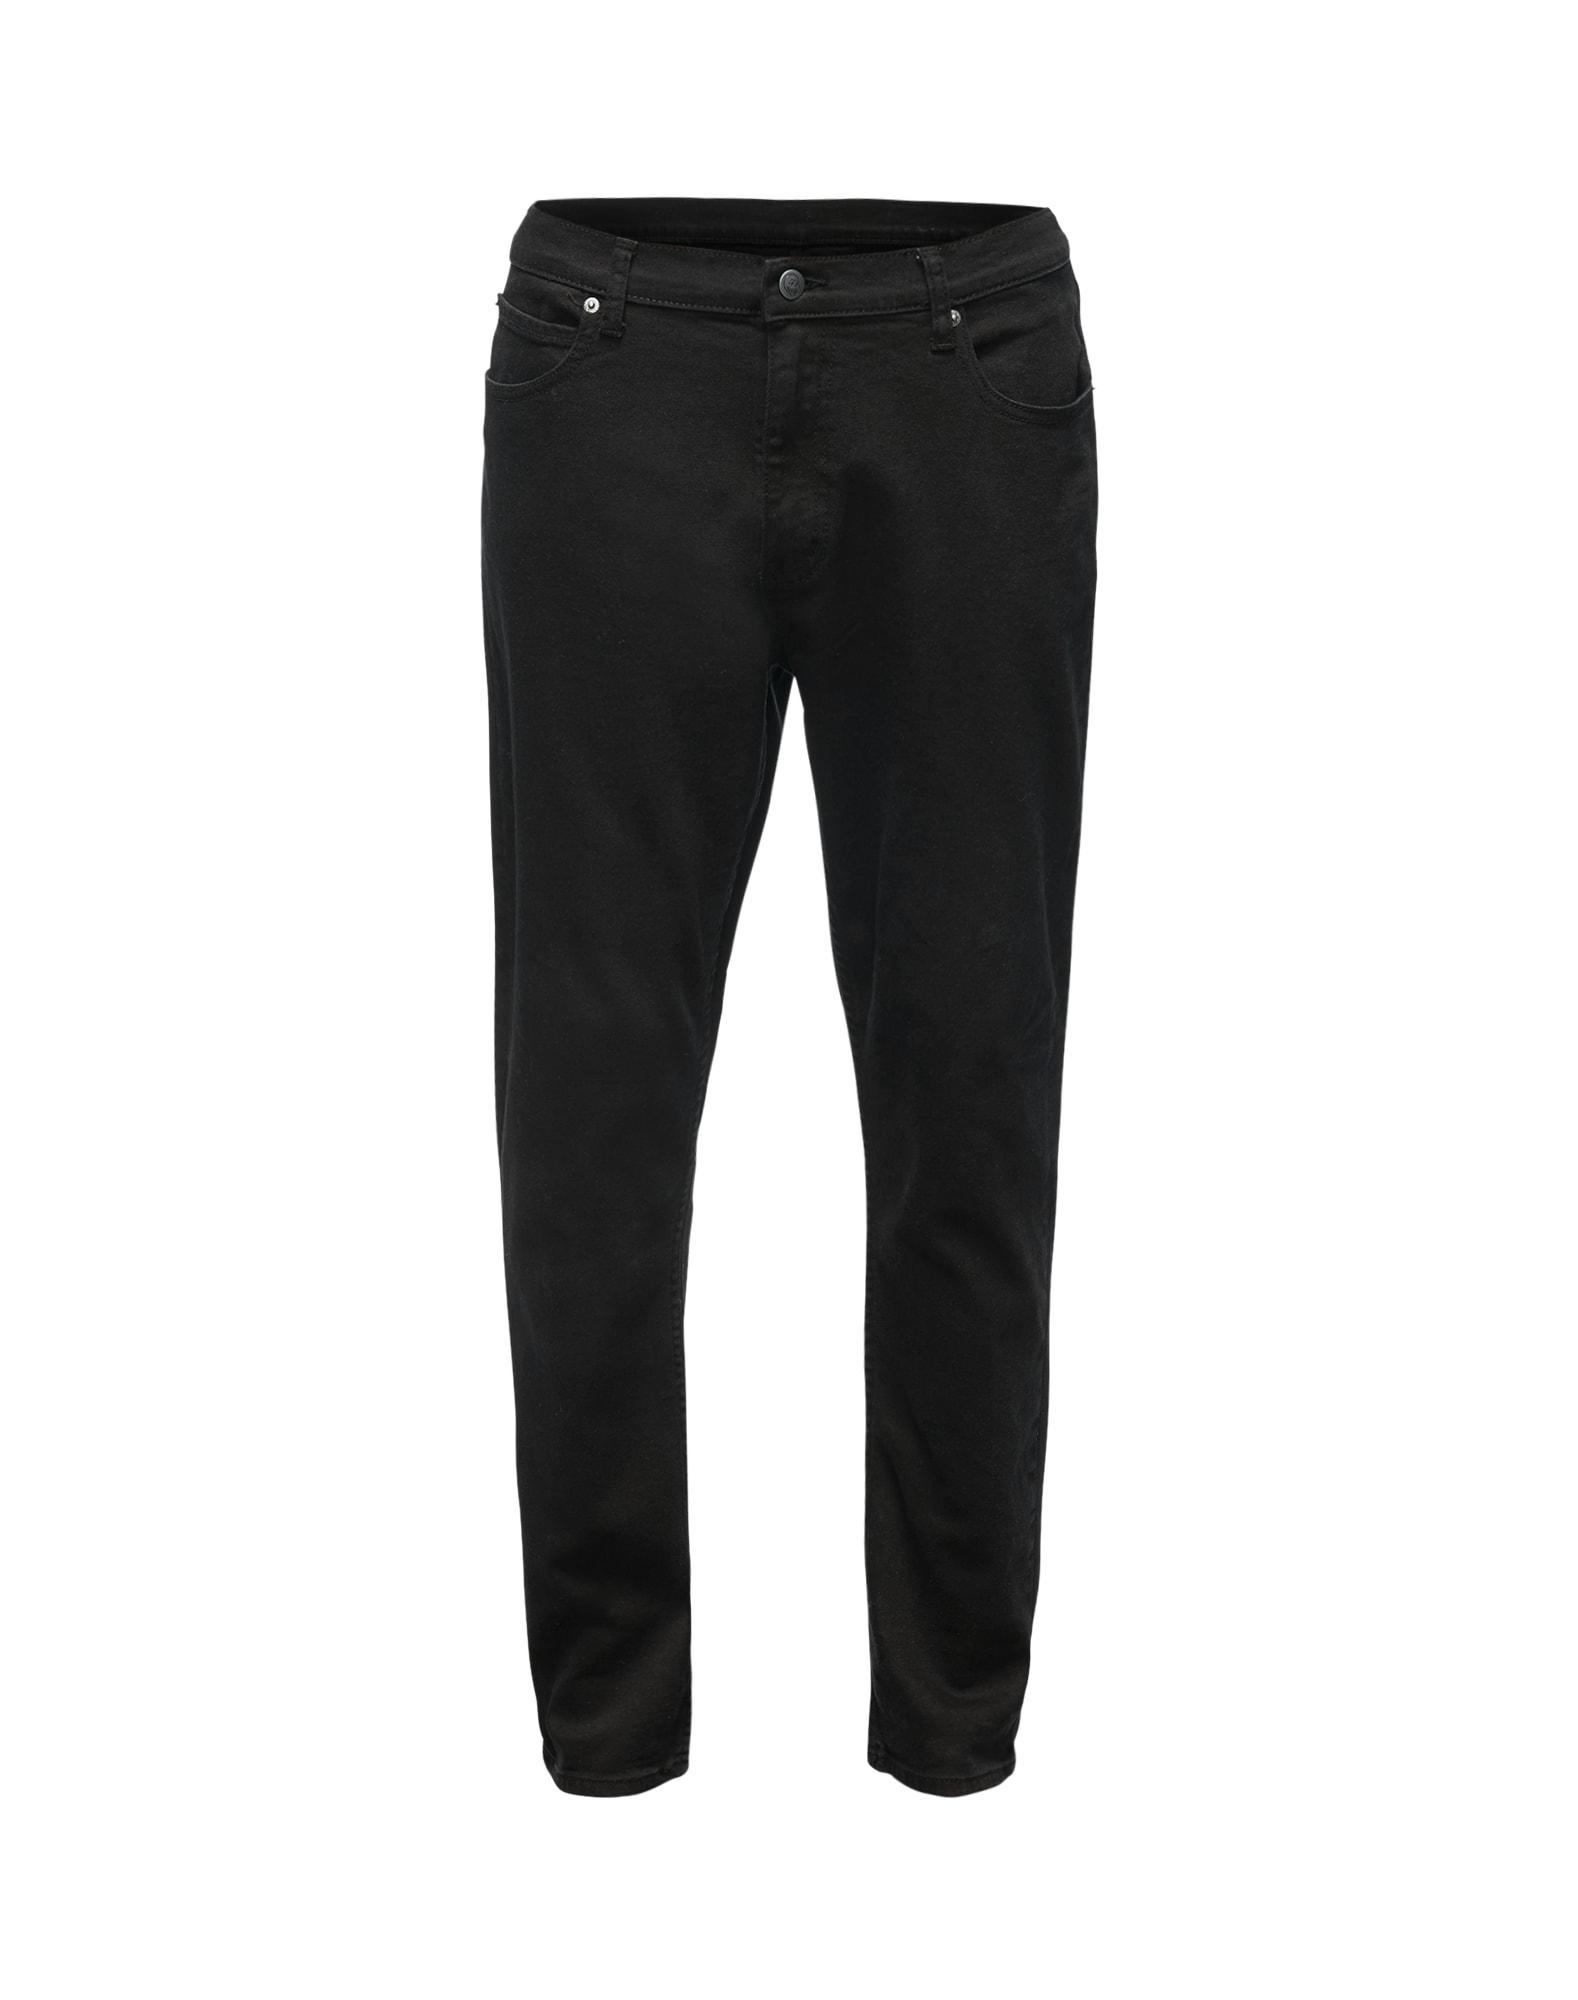 CHEAP MONDAY Heren Jeans Dropped zwart